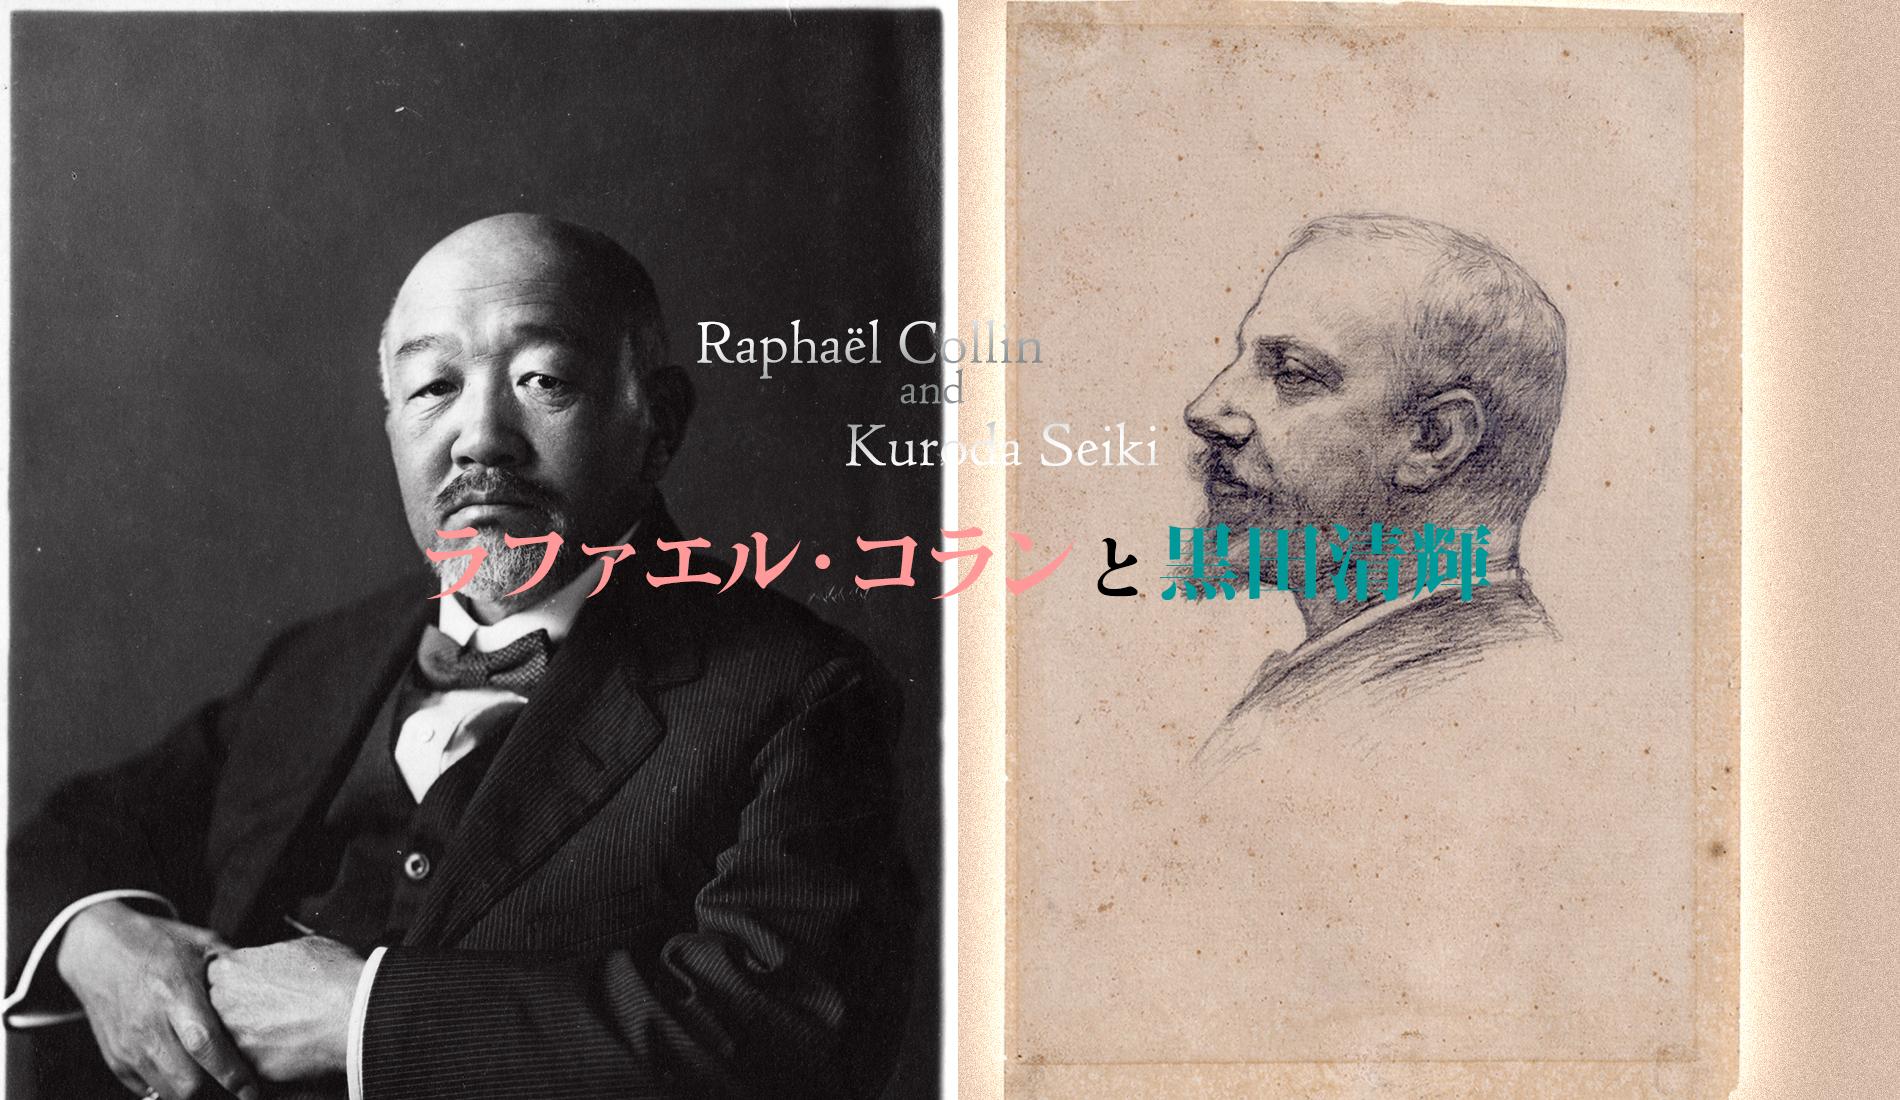 ラファエル・コランと黒田清輝